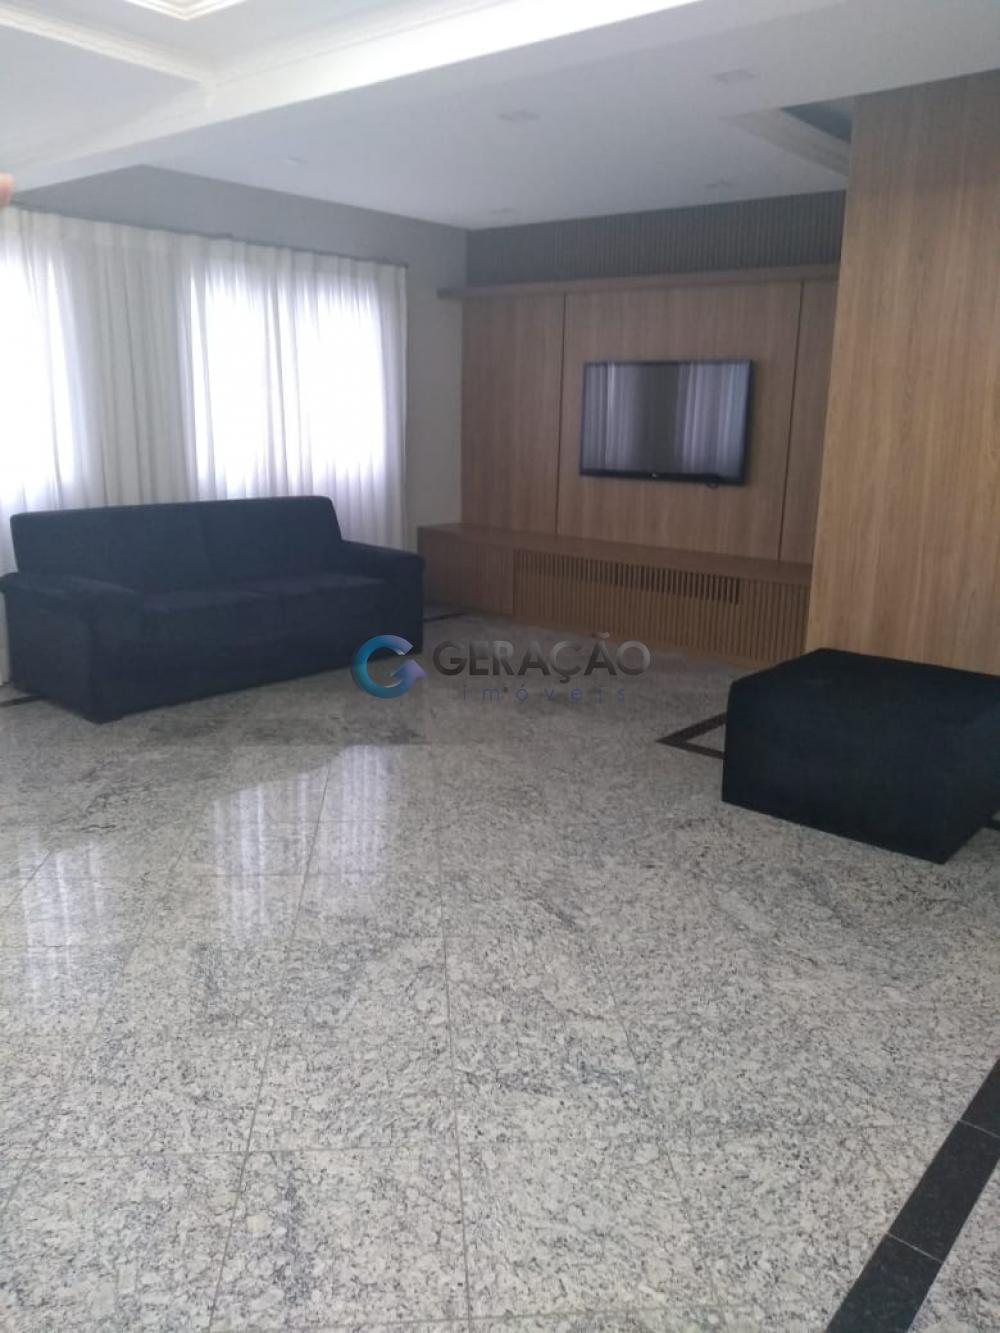 Comprar Apartamento / Padrão em São José dos Campos apenas R$ 1.300.000,00 - Foto 3